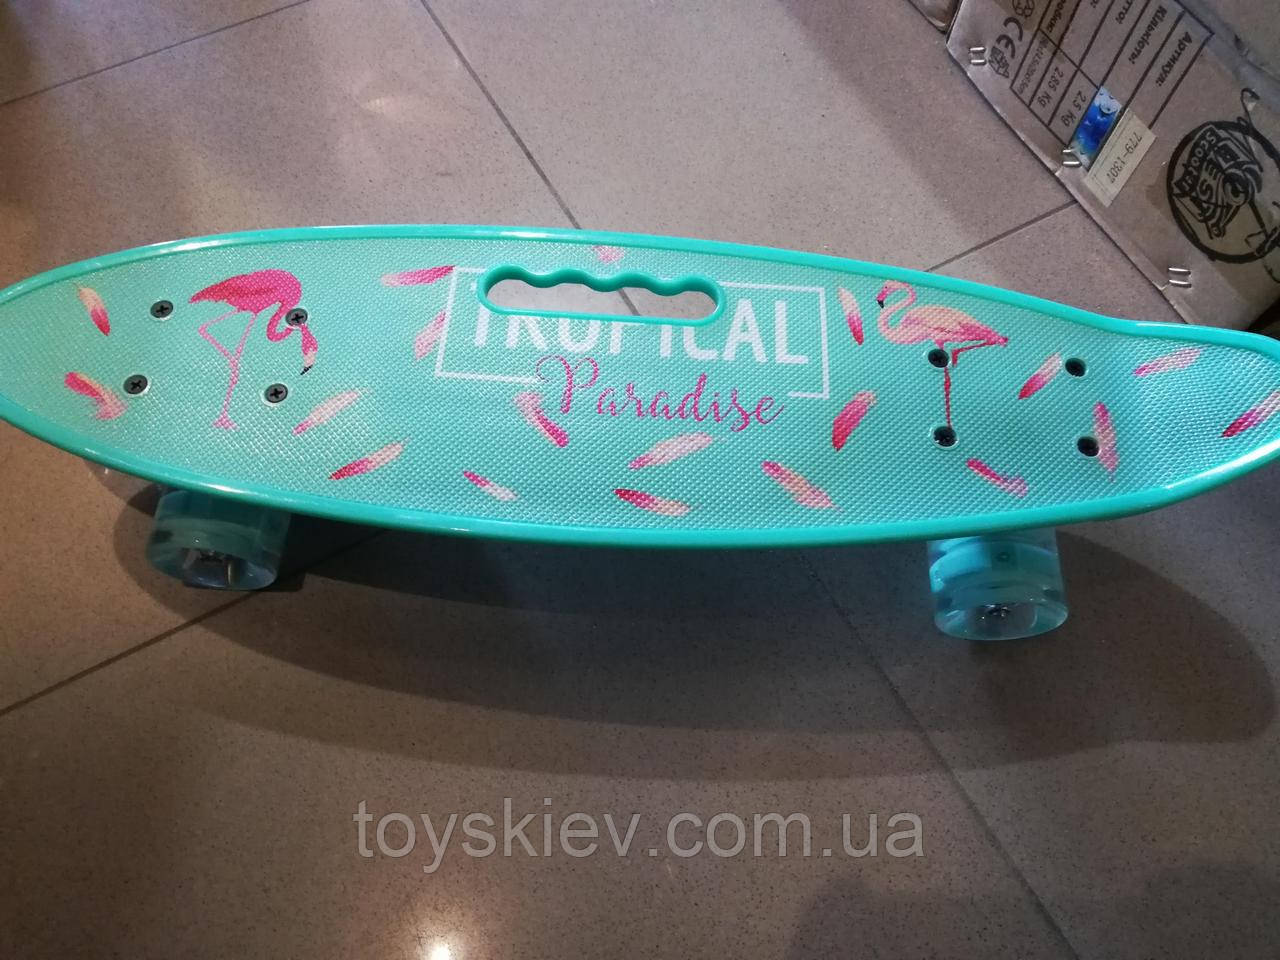 Скейт Пенни борд (Penny board) пениборд с рисунком, ручкой светящиеся колёса 32035-4